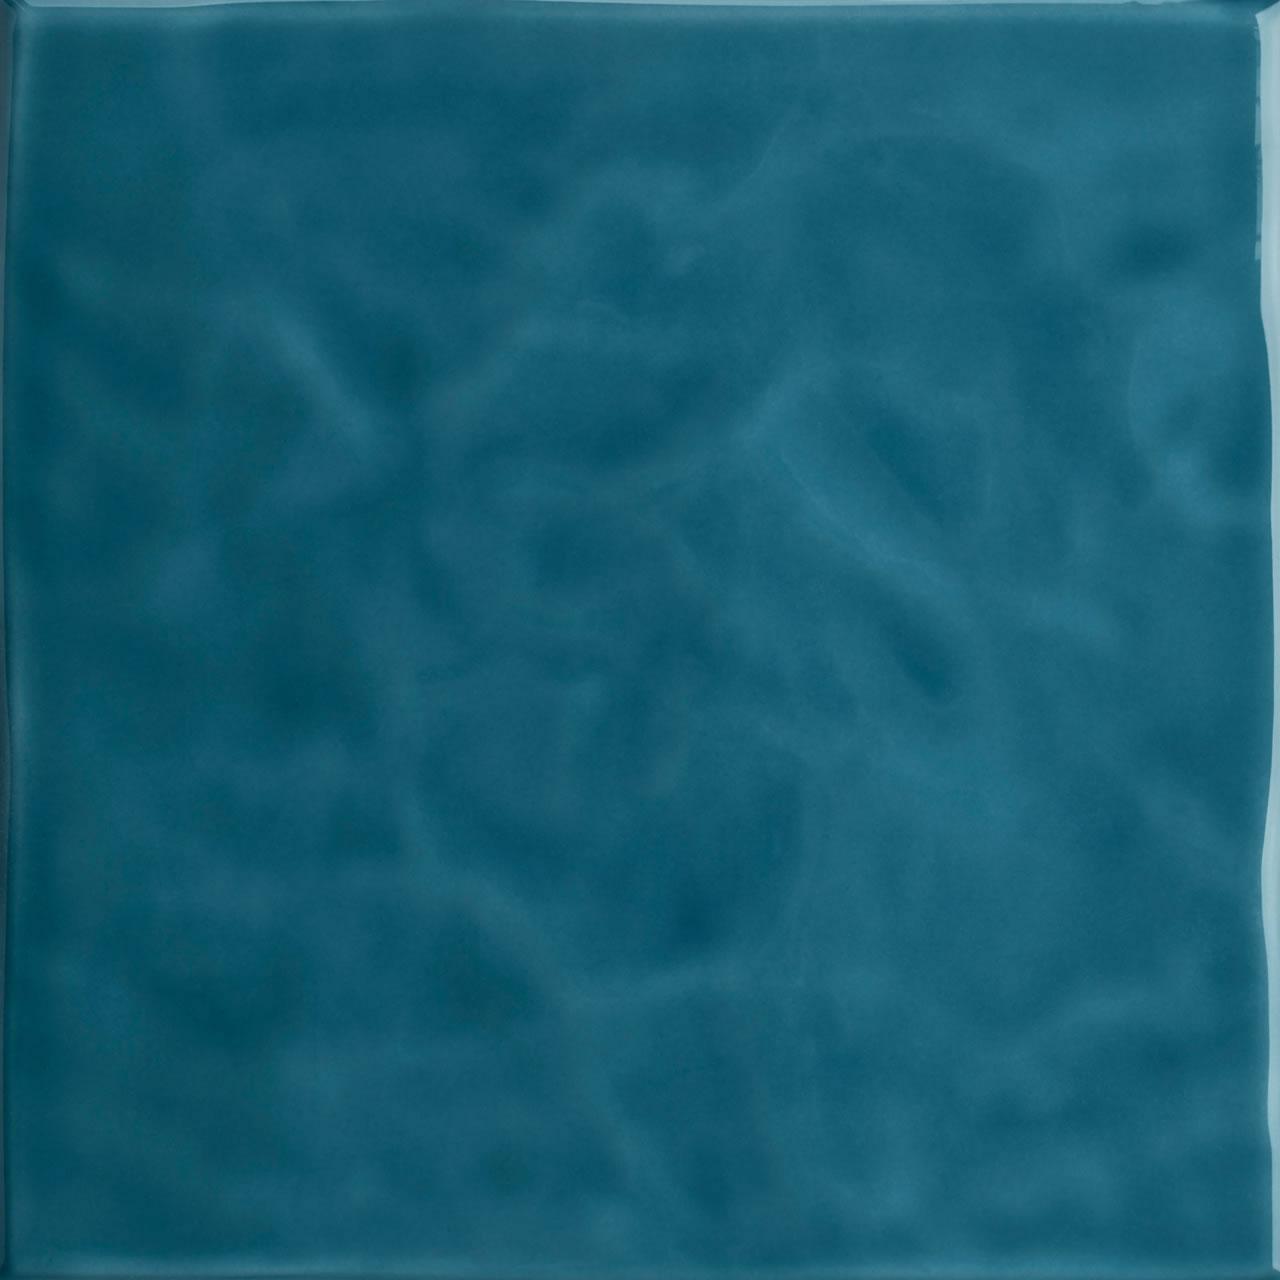 azul mar onda br